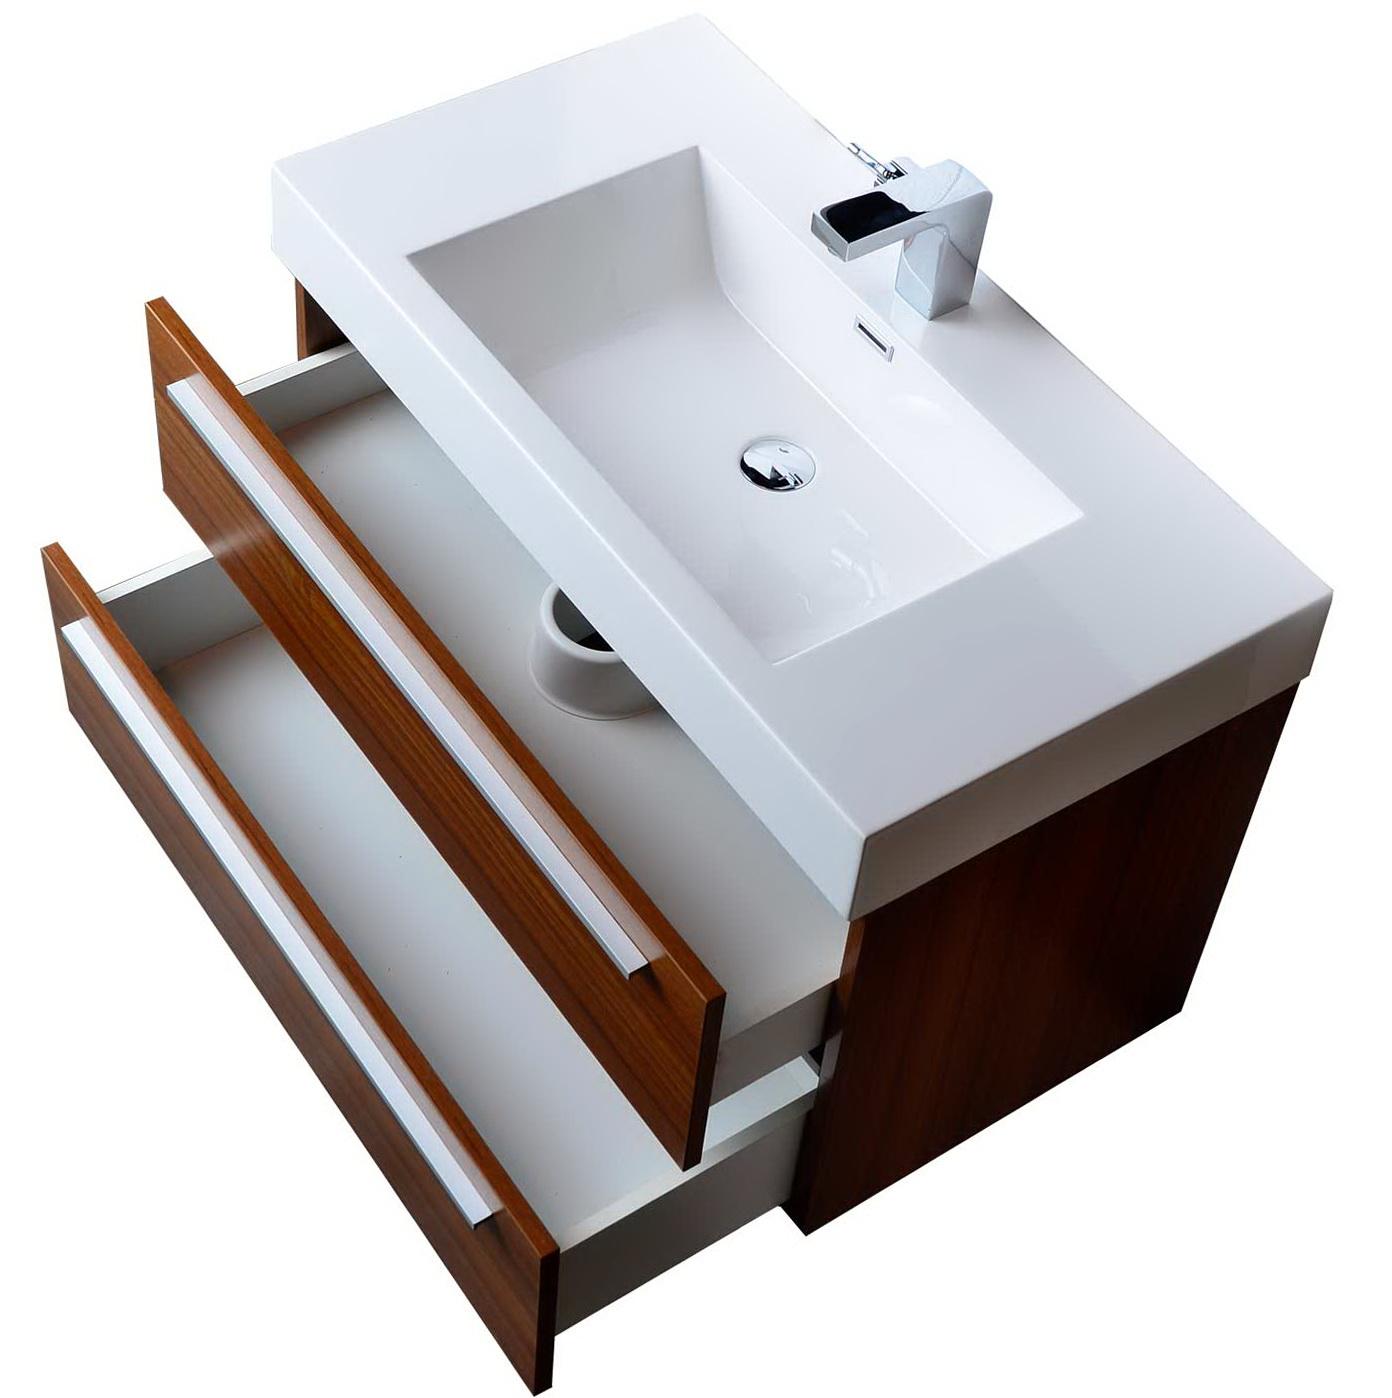 Small Bathroom Sink Dimensions